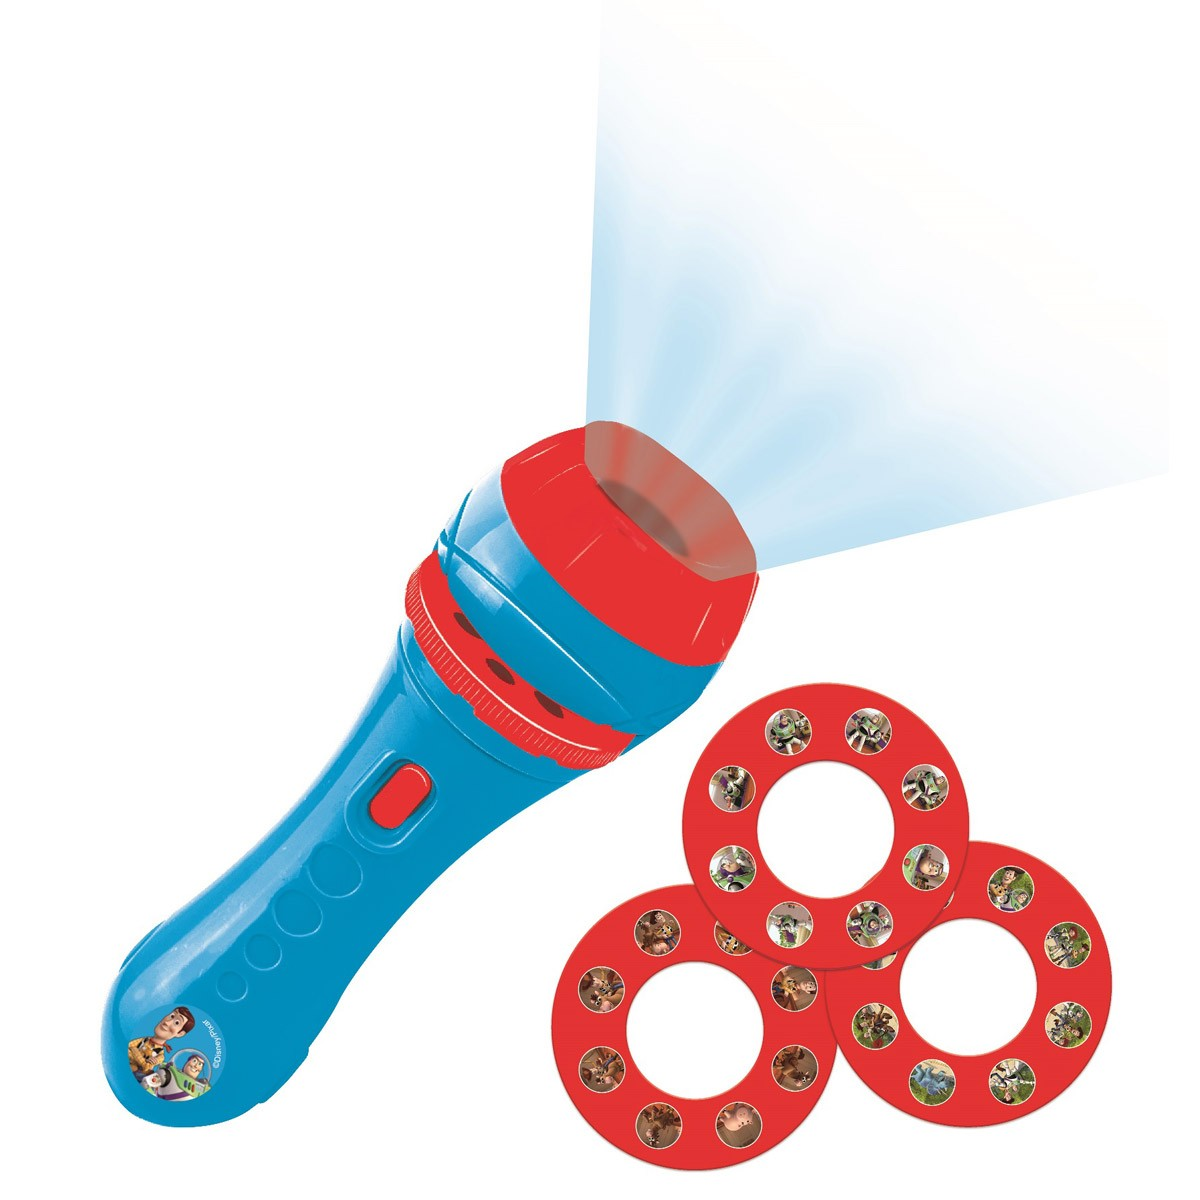 Projecteur à histoires, Toy Story lampe torche et projecteur avec 3 disques